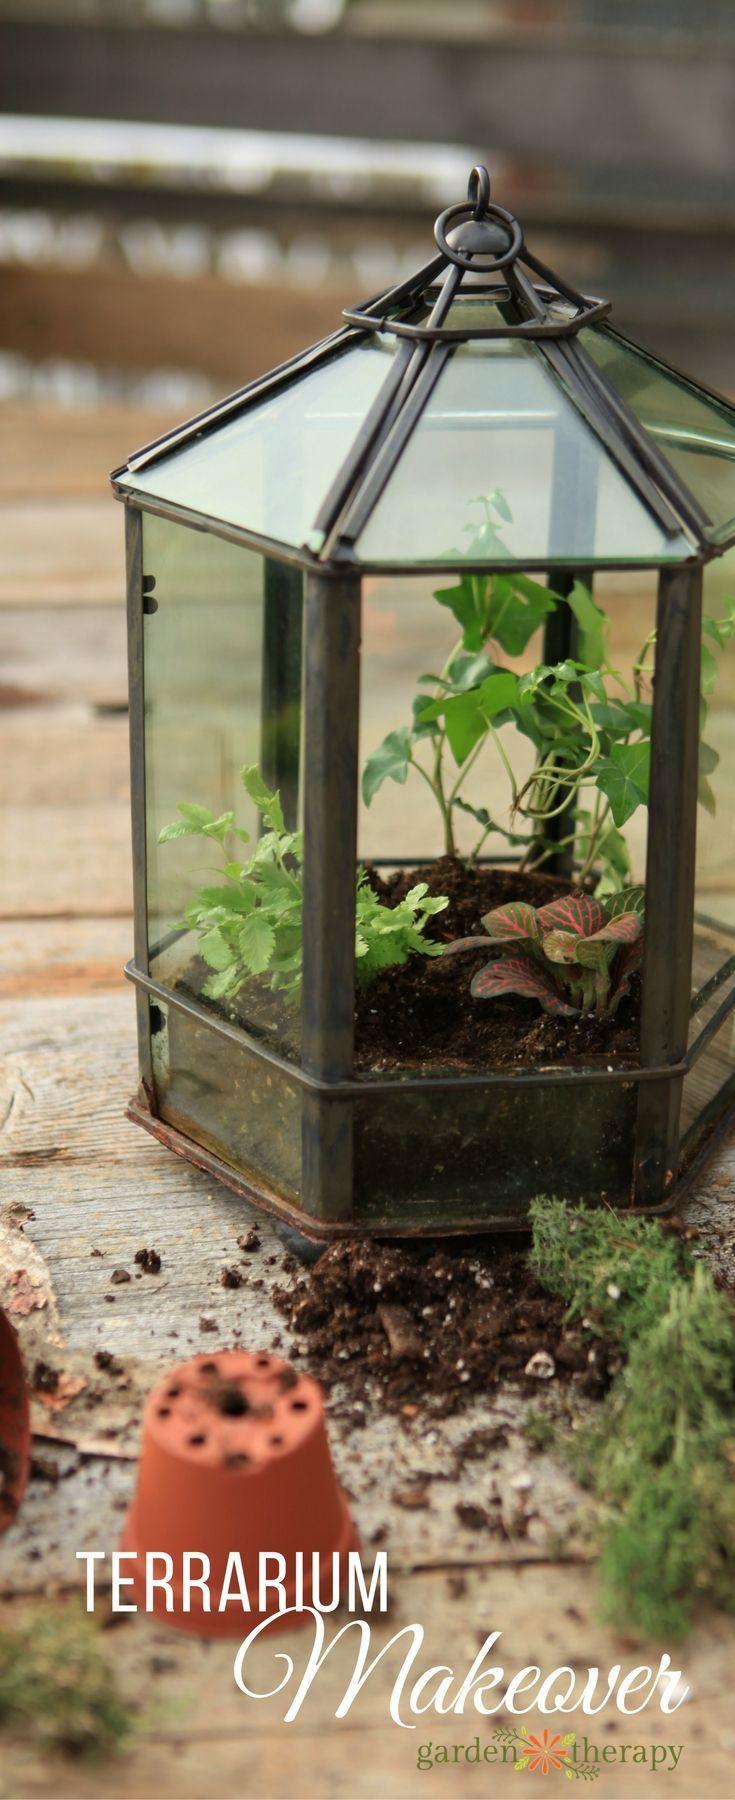 die besten 25+ mini gewächshaus ideen auf pinterest, Gartengerate ideen